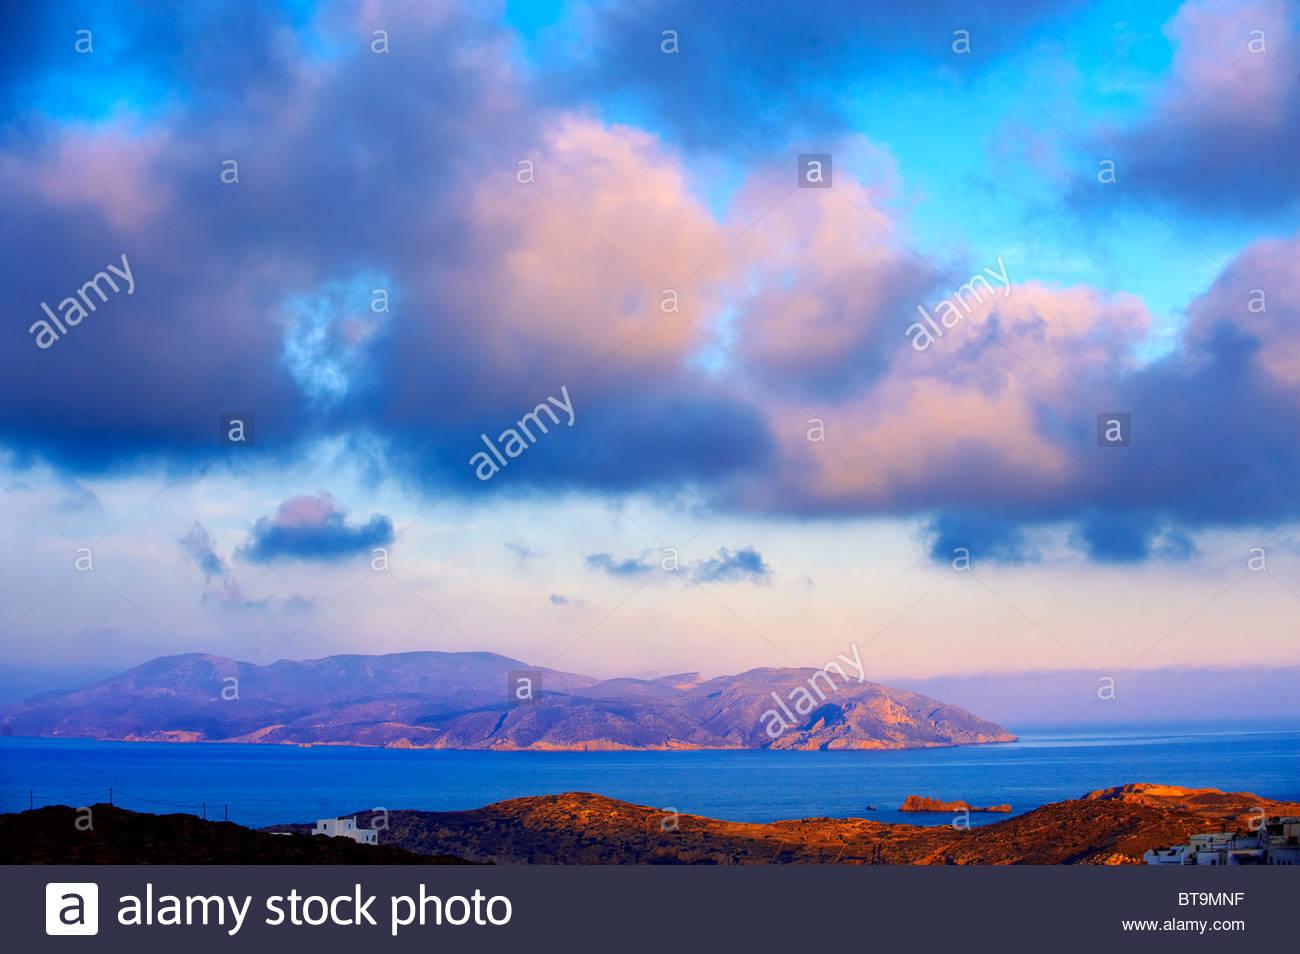 Sonnenaufgang über dem Cyclades Insel Ios, Griechenland Stockbild